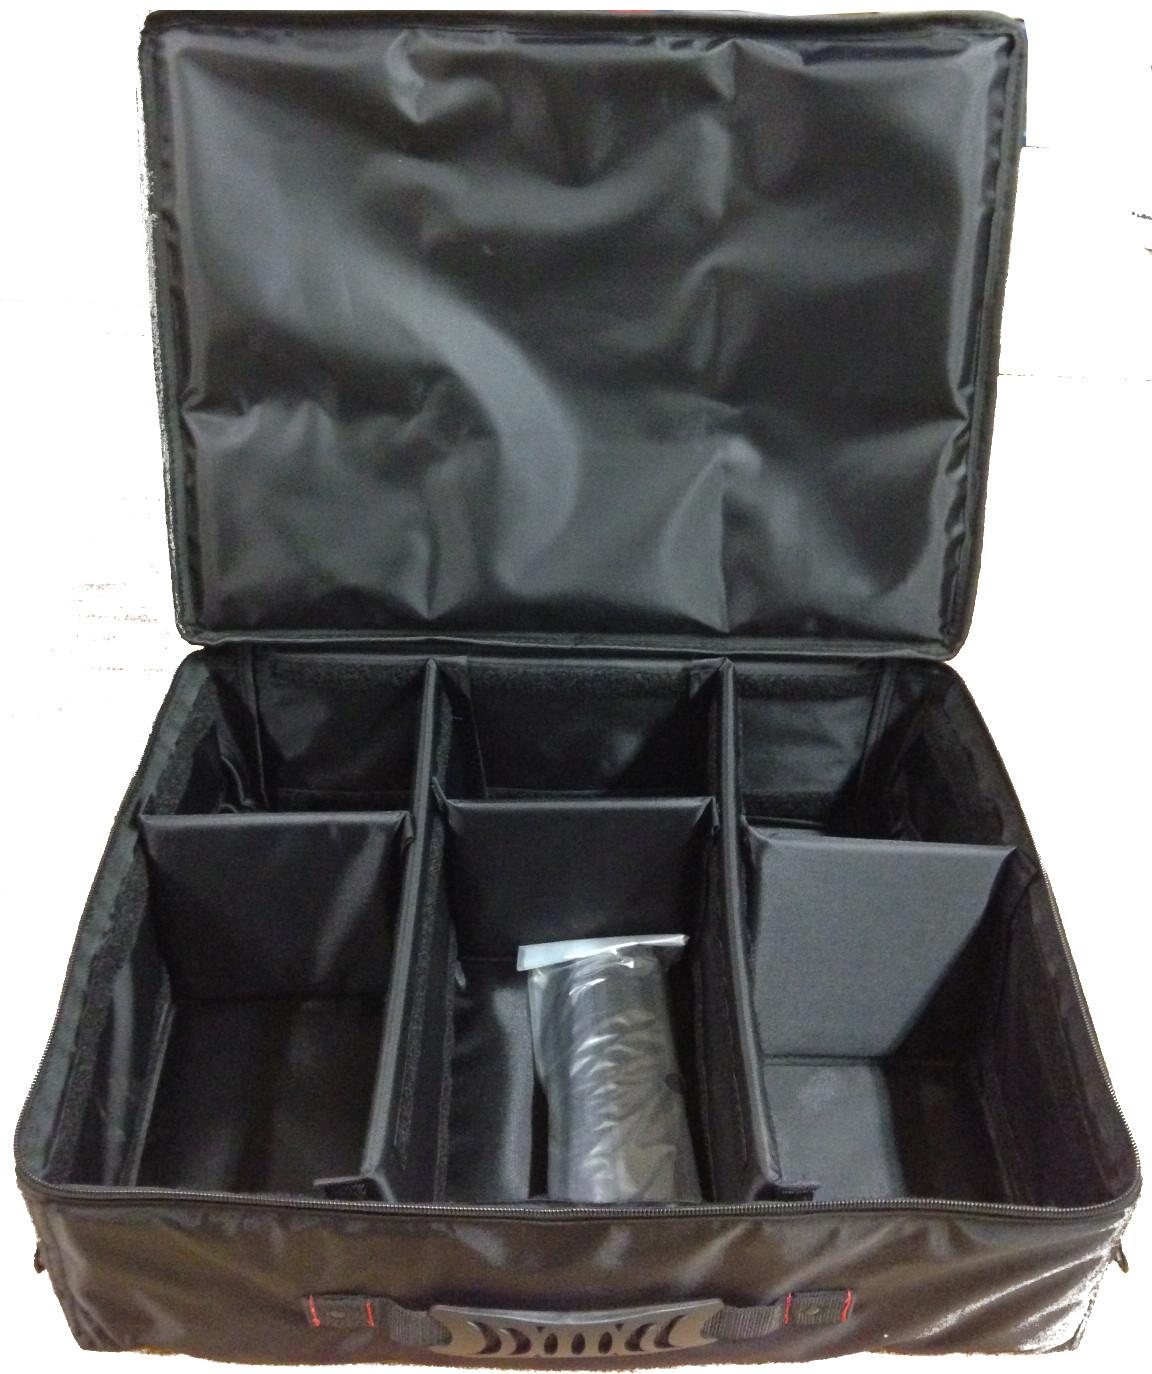 Valise rigide pour valise BAG F